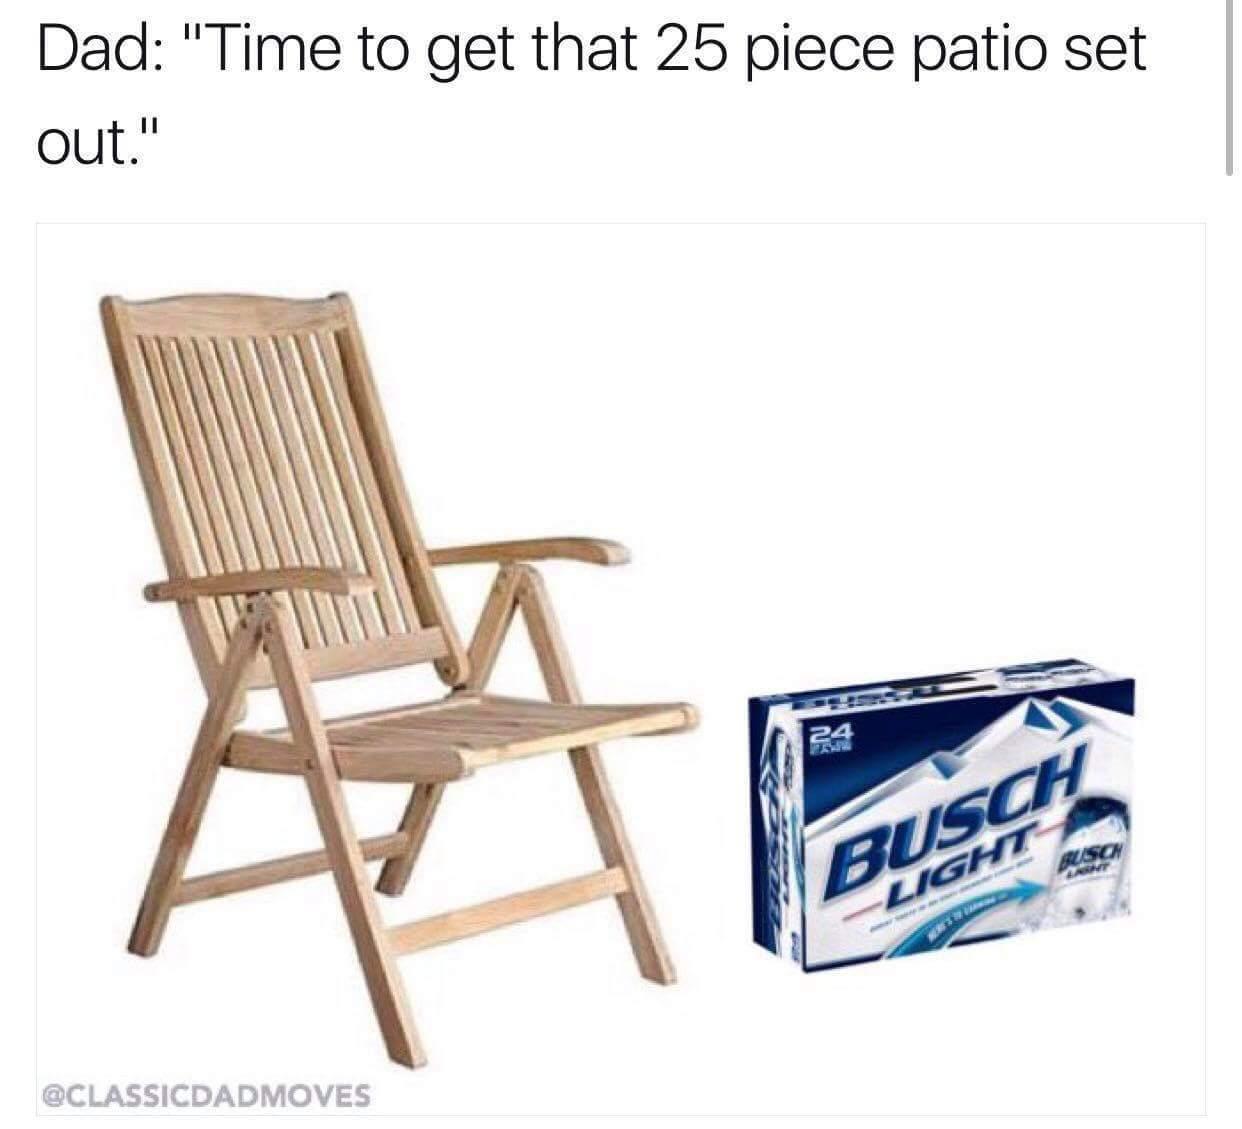 Best beer? - meme